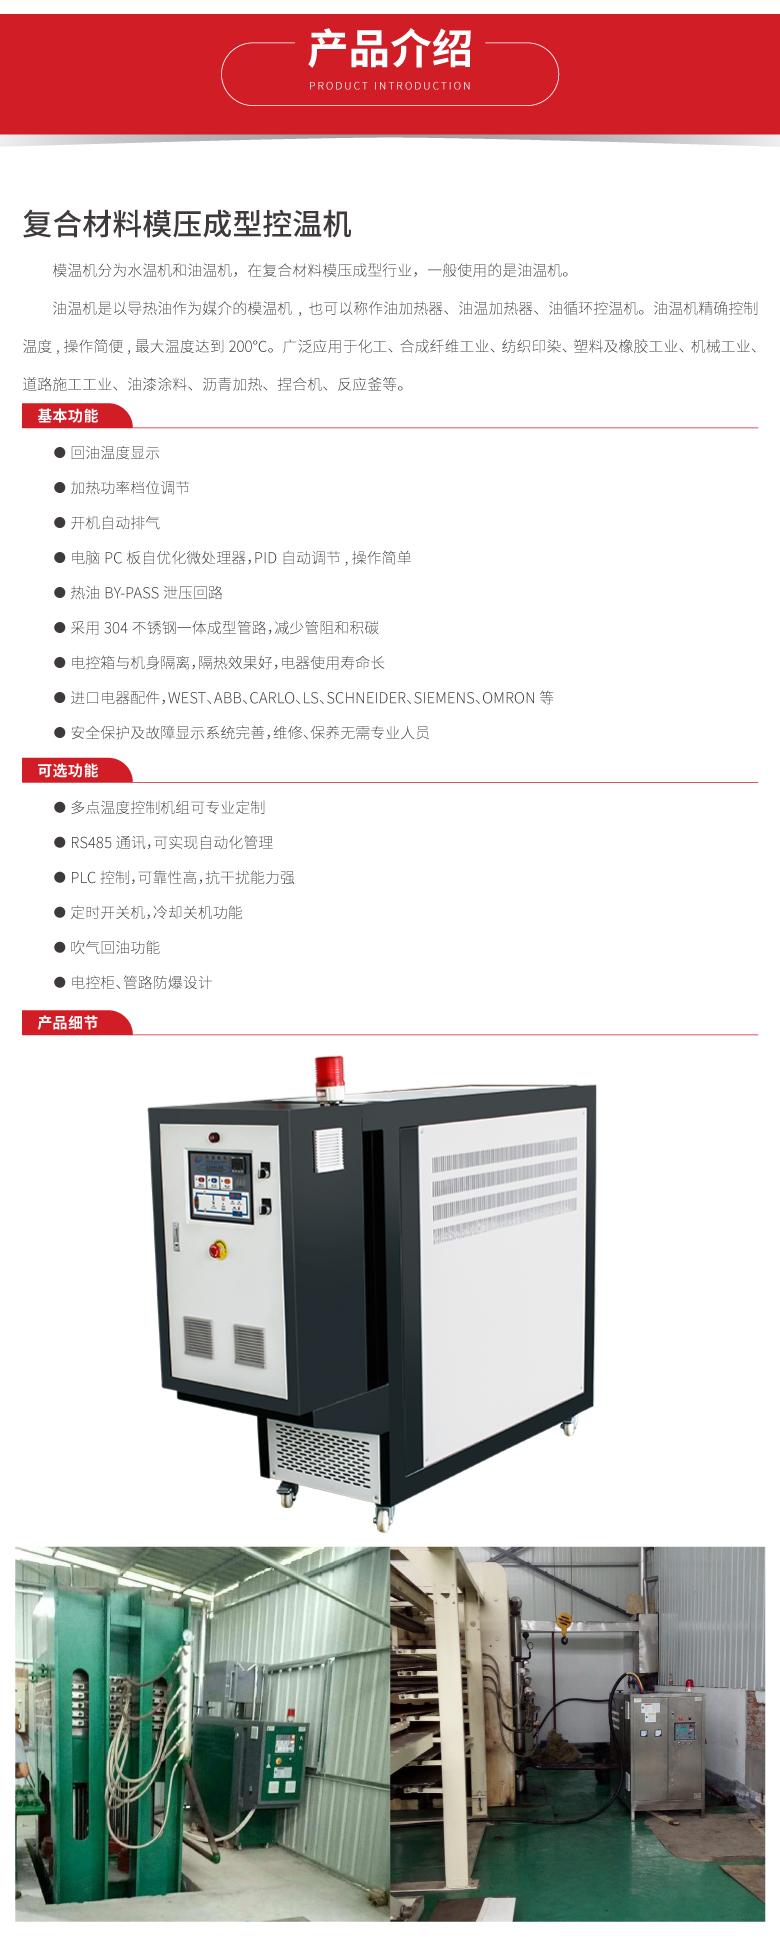 复合材料模压成型控温机_详情页设计.jpg